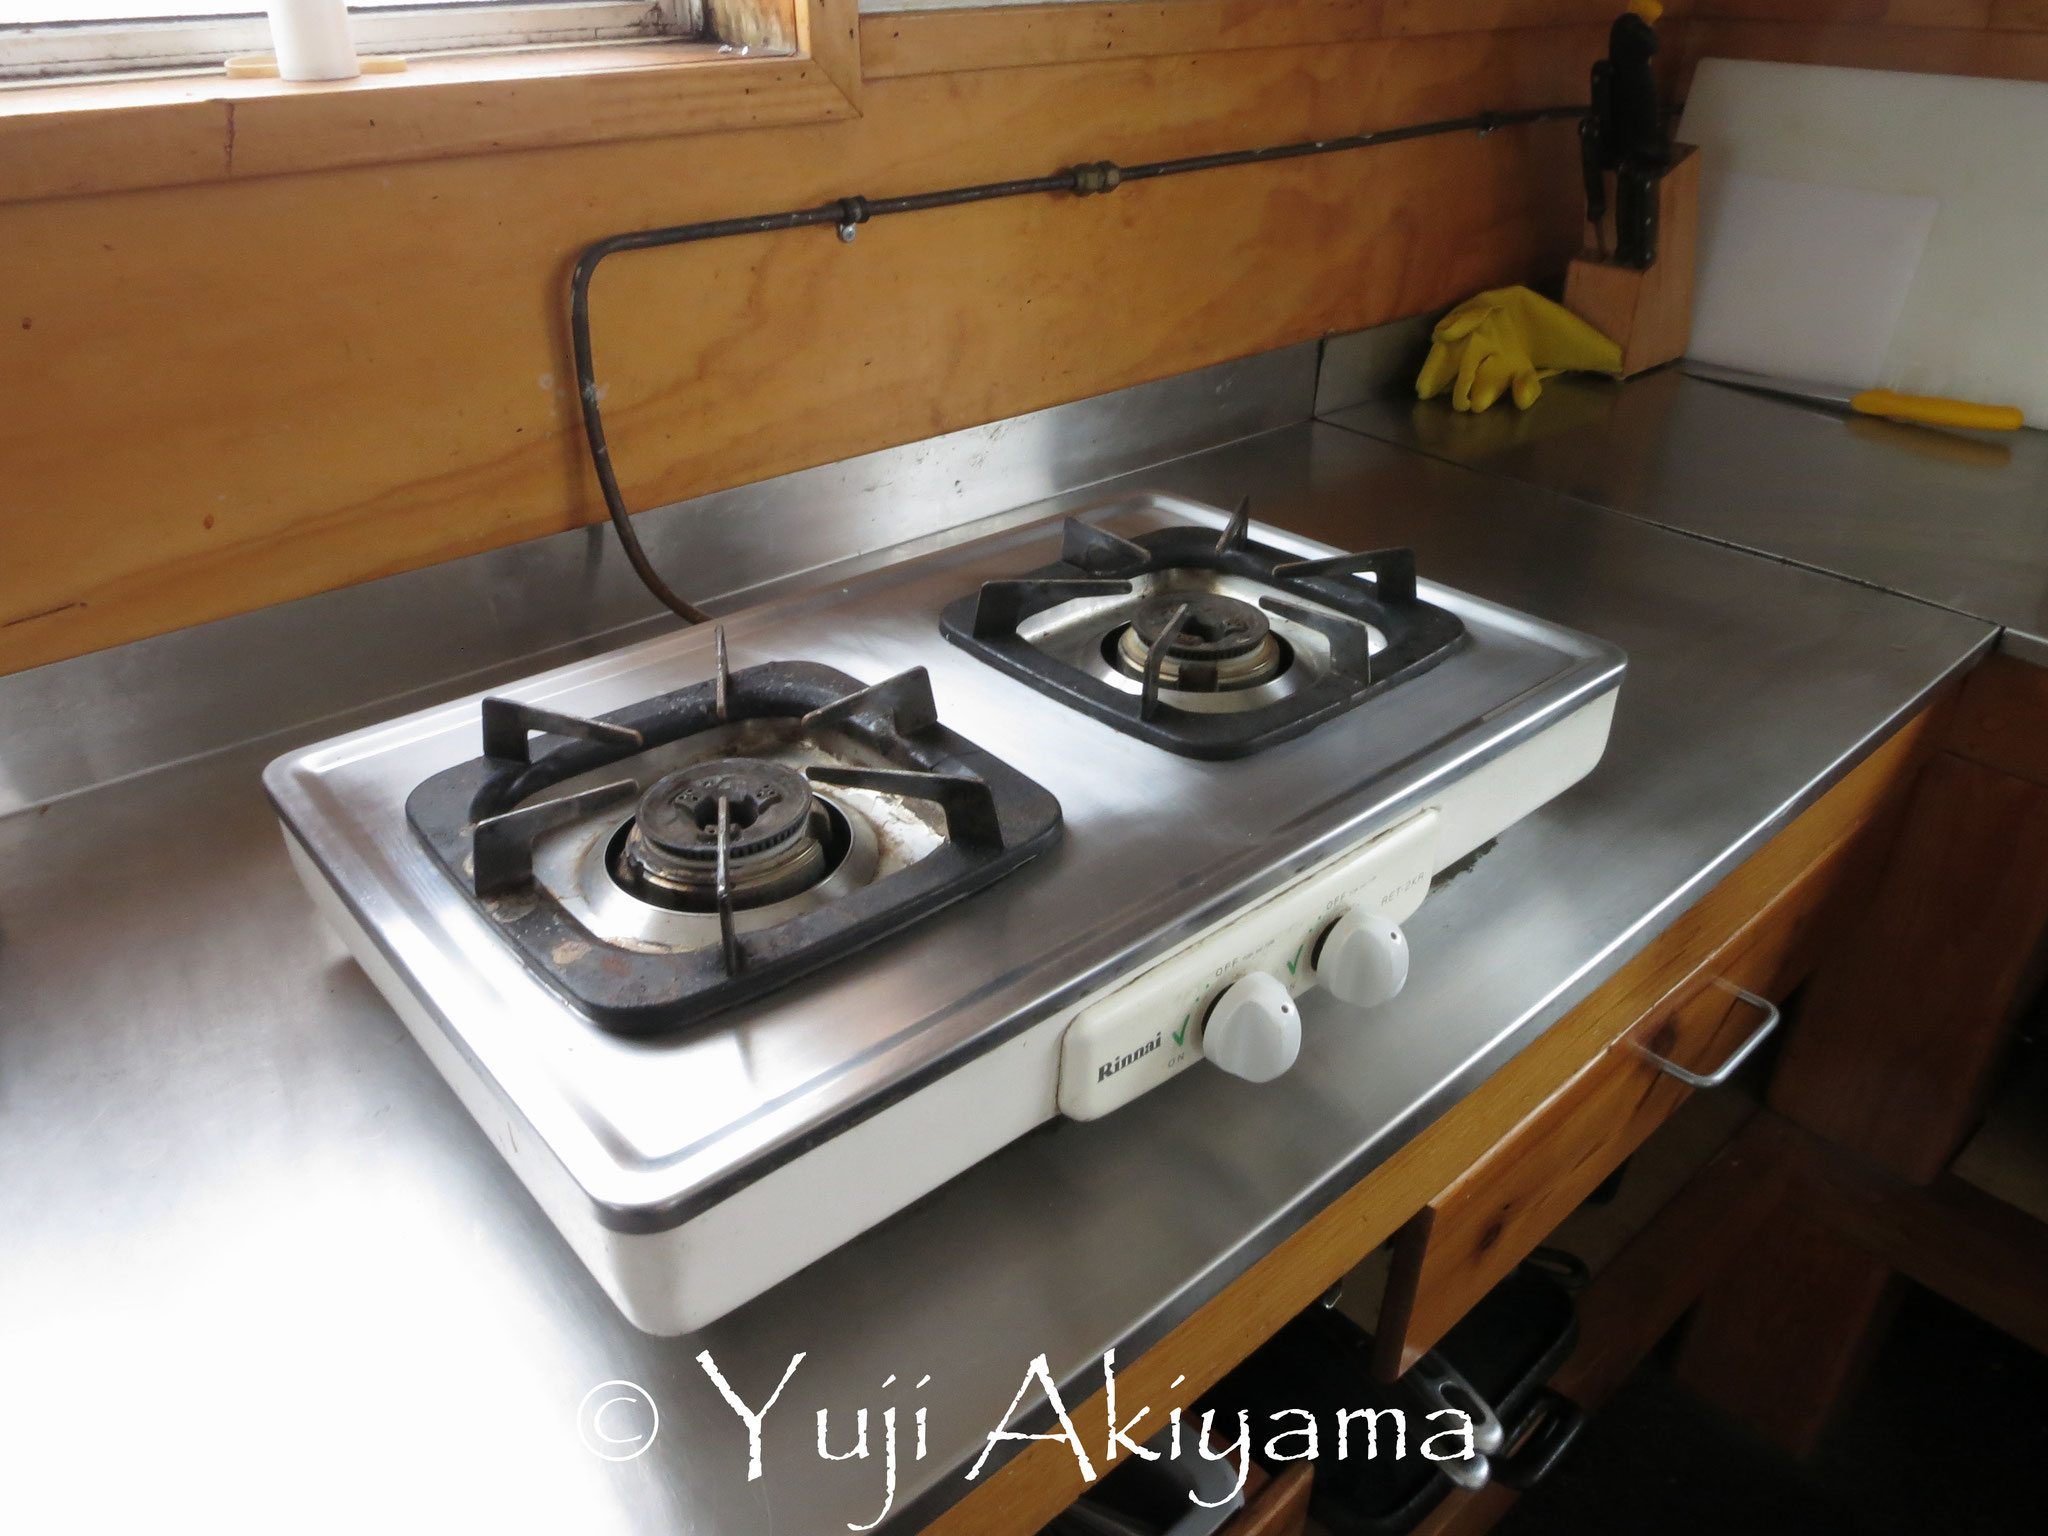 ガスコンロや食器、鍋釜は小屋に完備